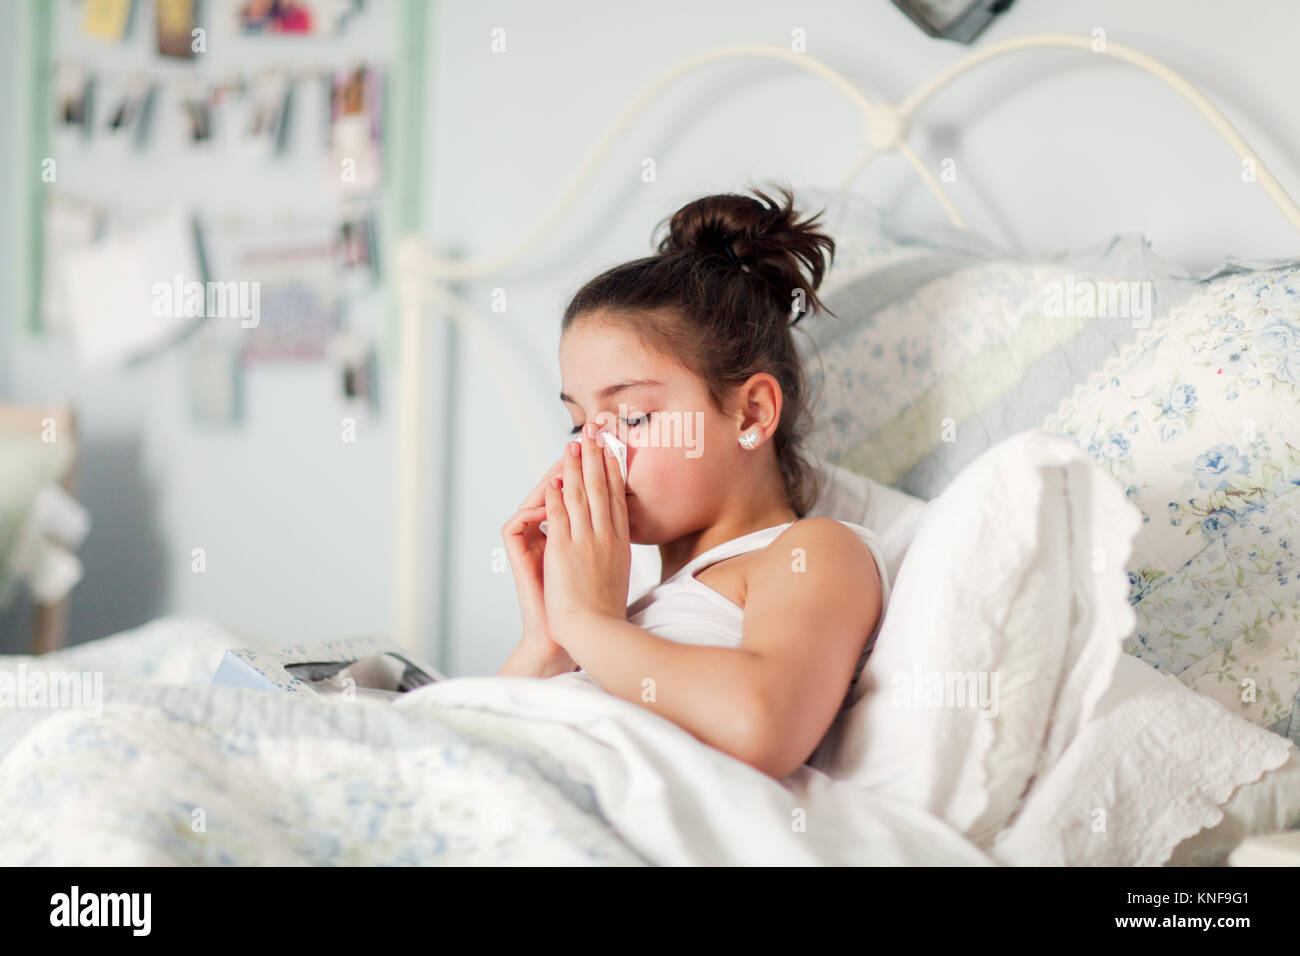 Chica en la cama sonarse la nariz en el pañuelo Imagen De Stock